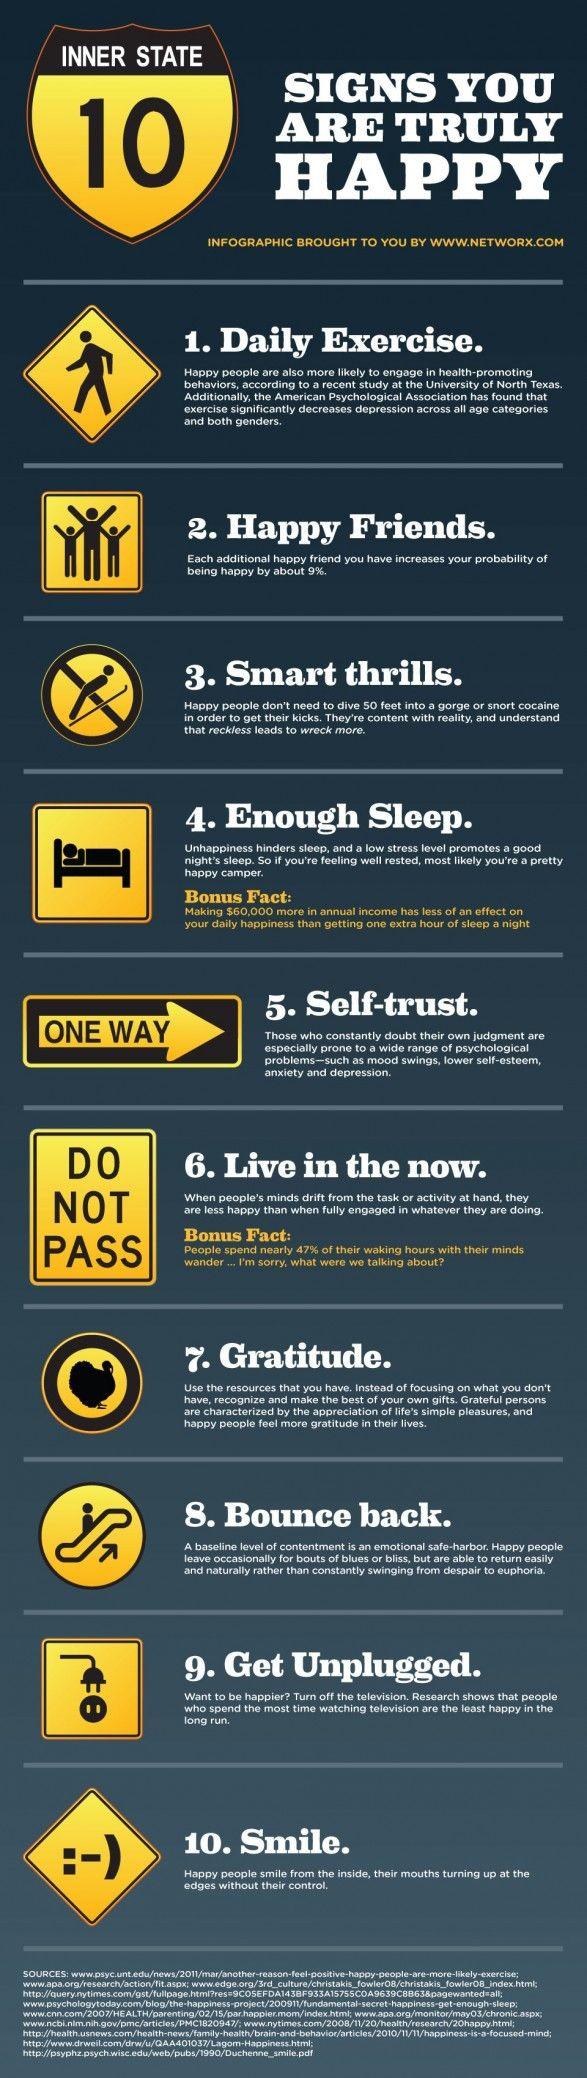 10 signos de que eres feliz